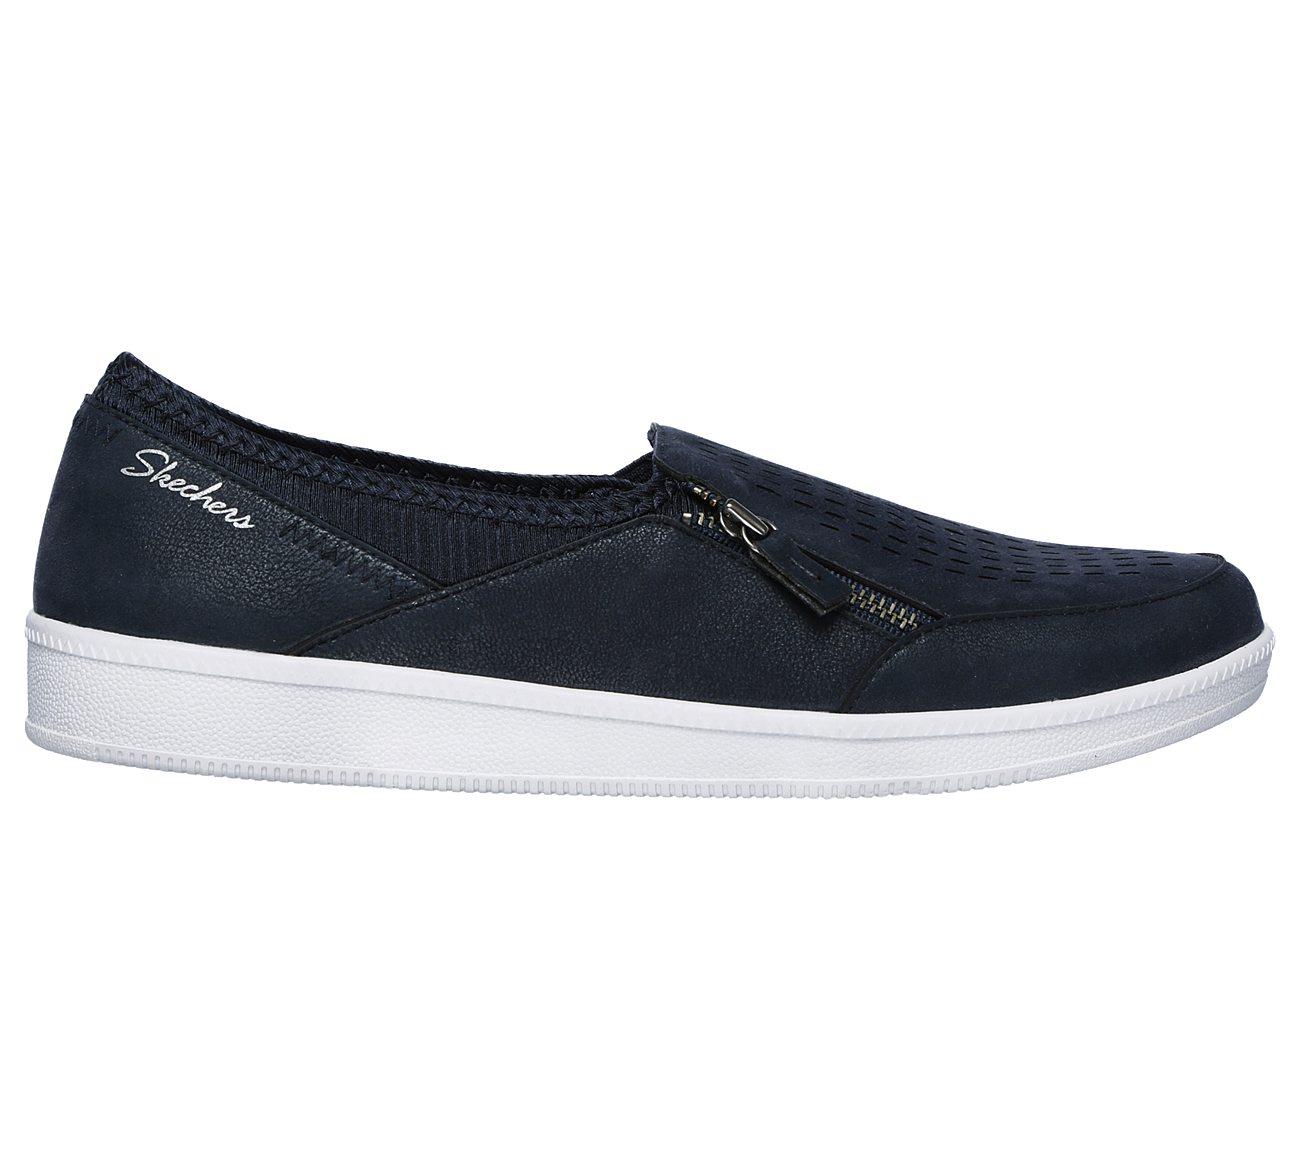 Skechers Womens Street Smart Leather Low Top Zipper Fashion Sneakers